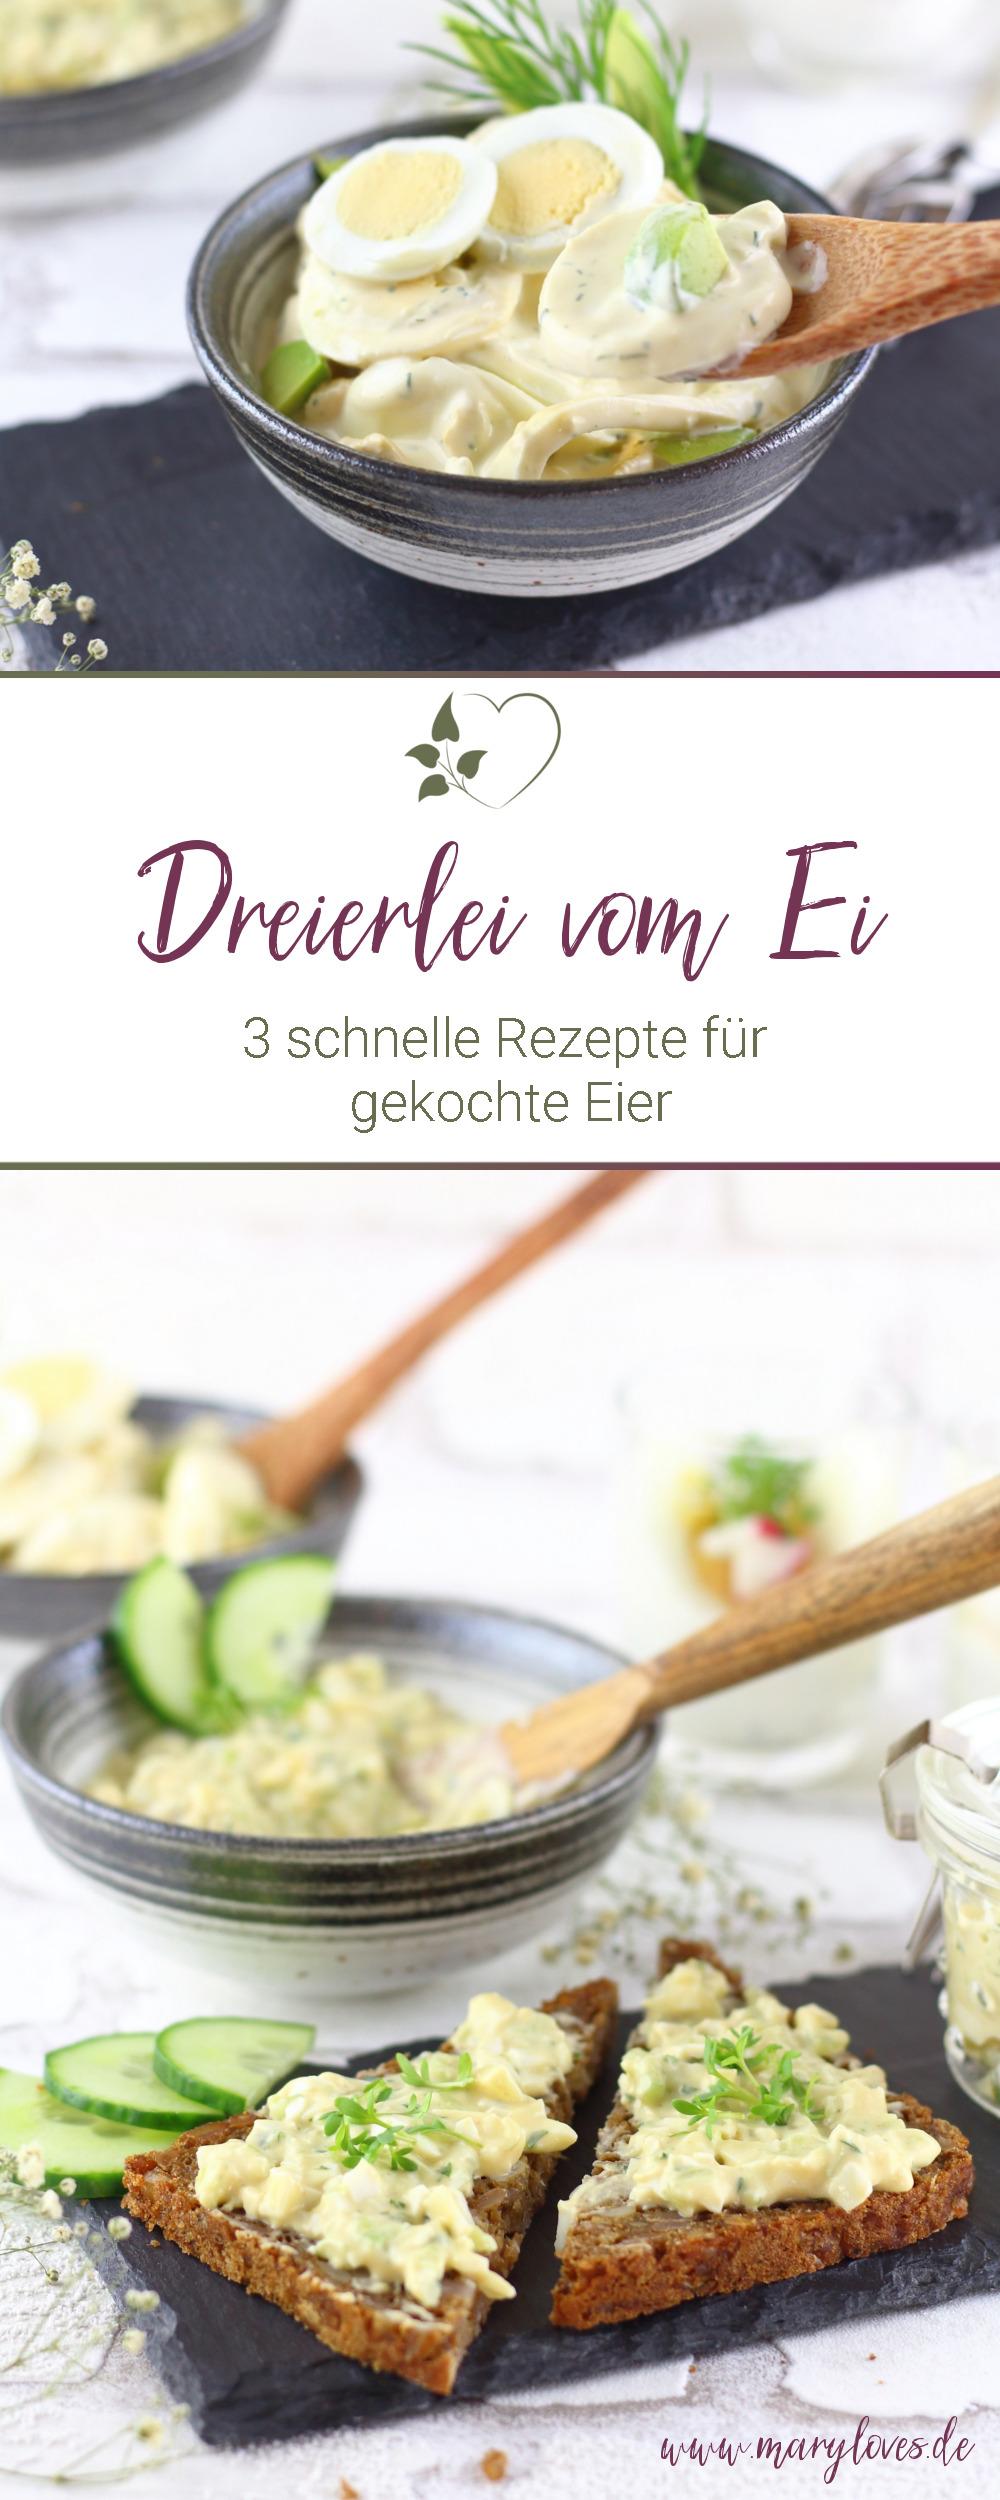 Dreierlei vom Ei - 3 einfache Rezepte für gekochte Eier - #ostereier #eierrezept #eierverwertung #gekochteeier #eiersalat #eieraufstrich #eiimglas #vegetarisch